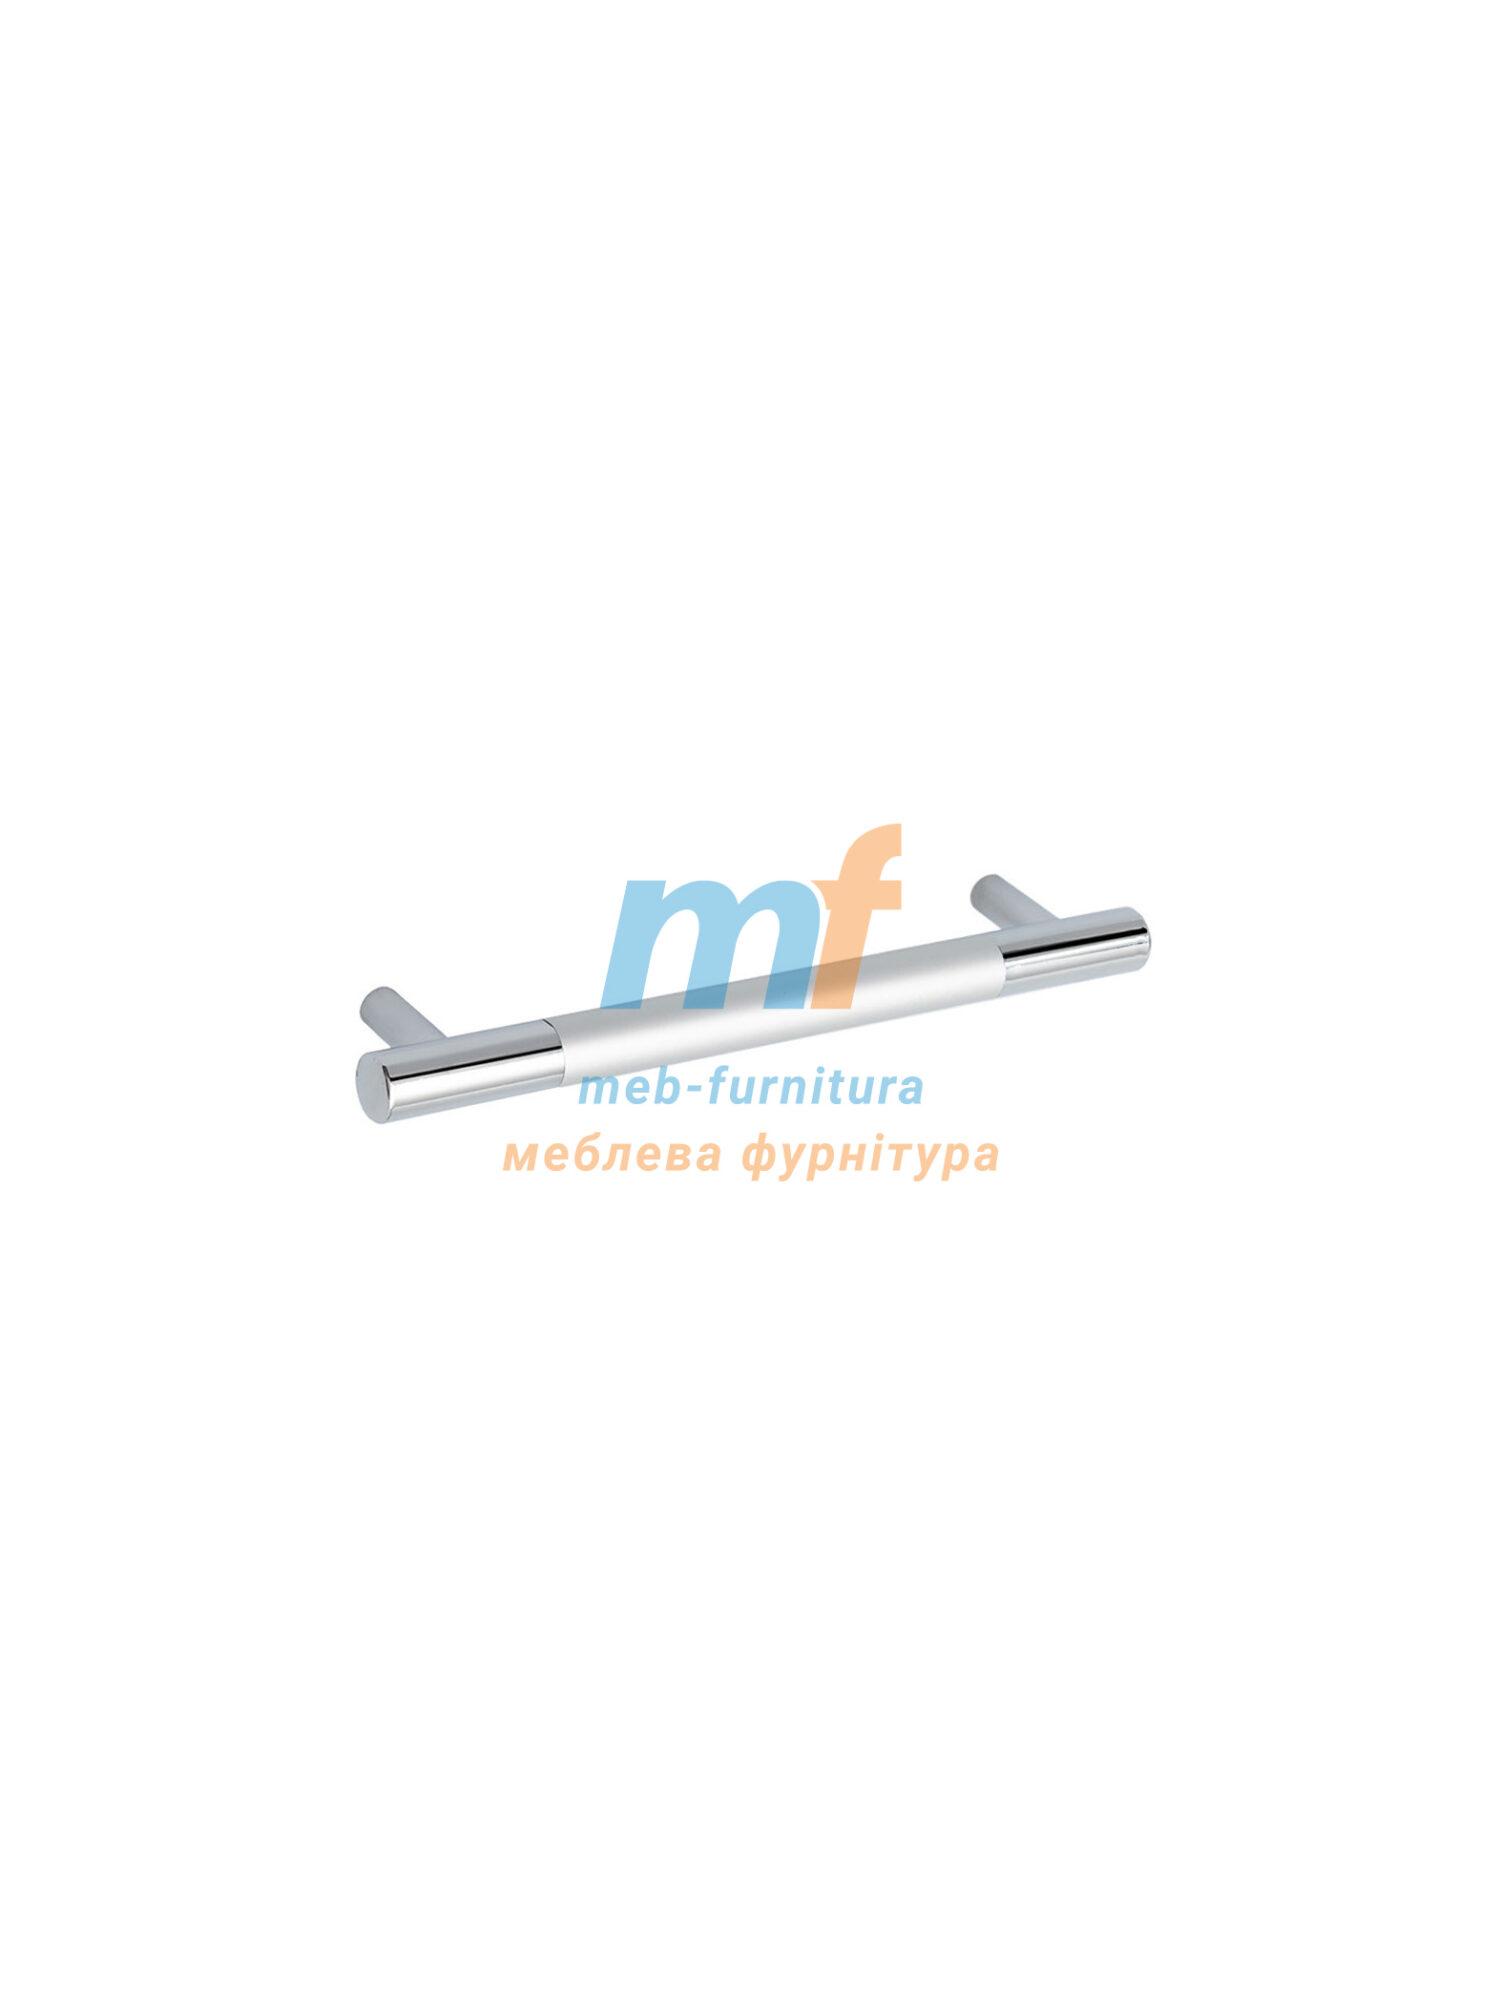 Ручка мебельная релинг 96мм - хром+мат.хром